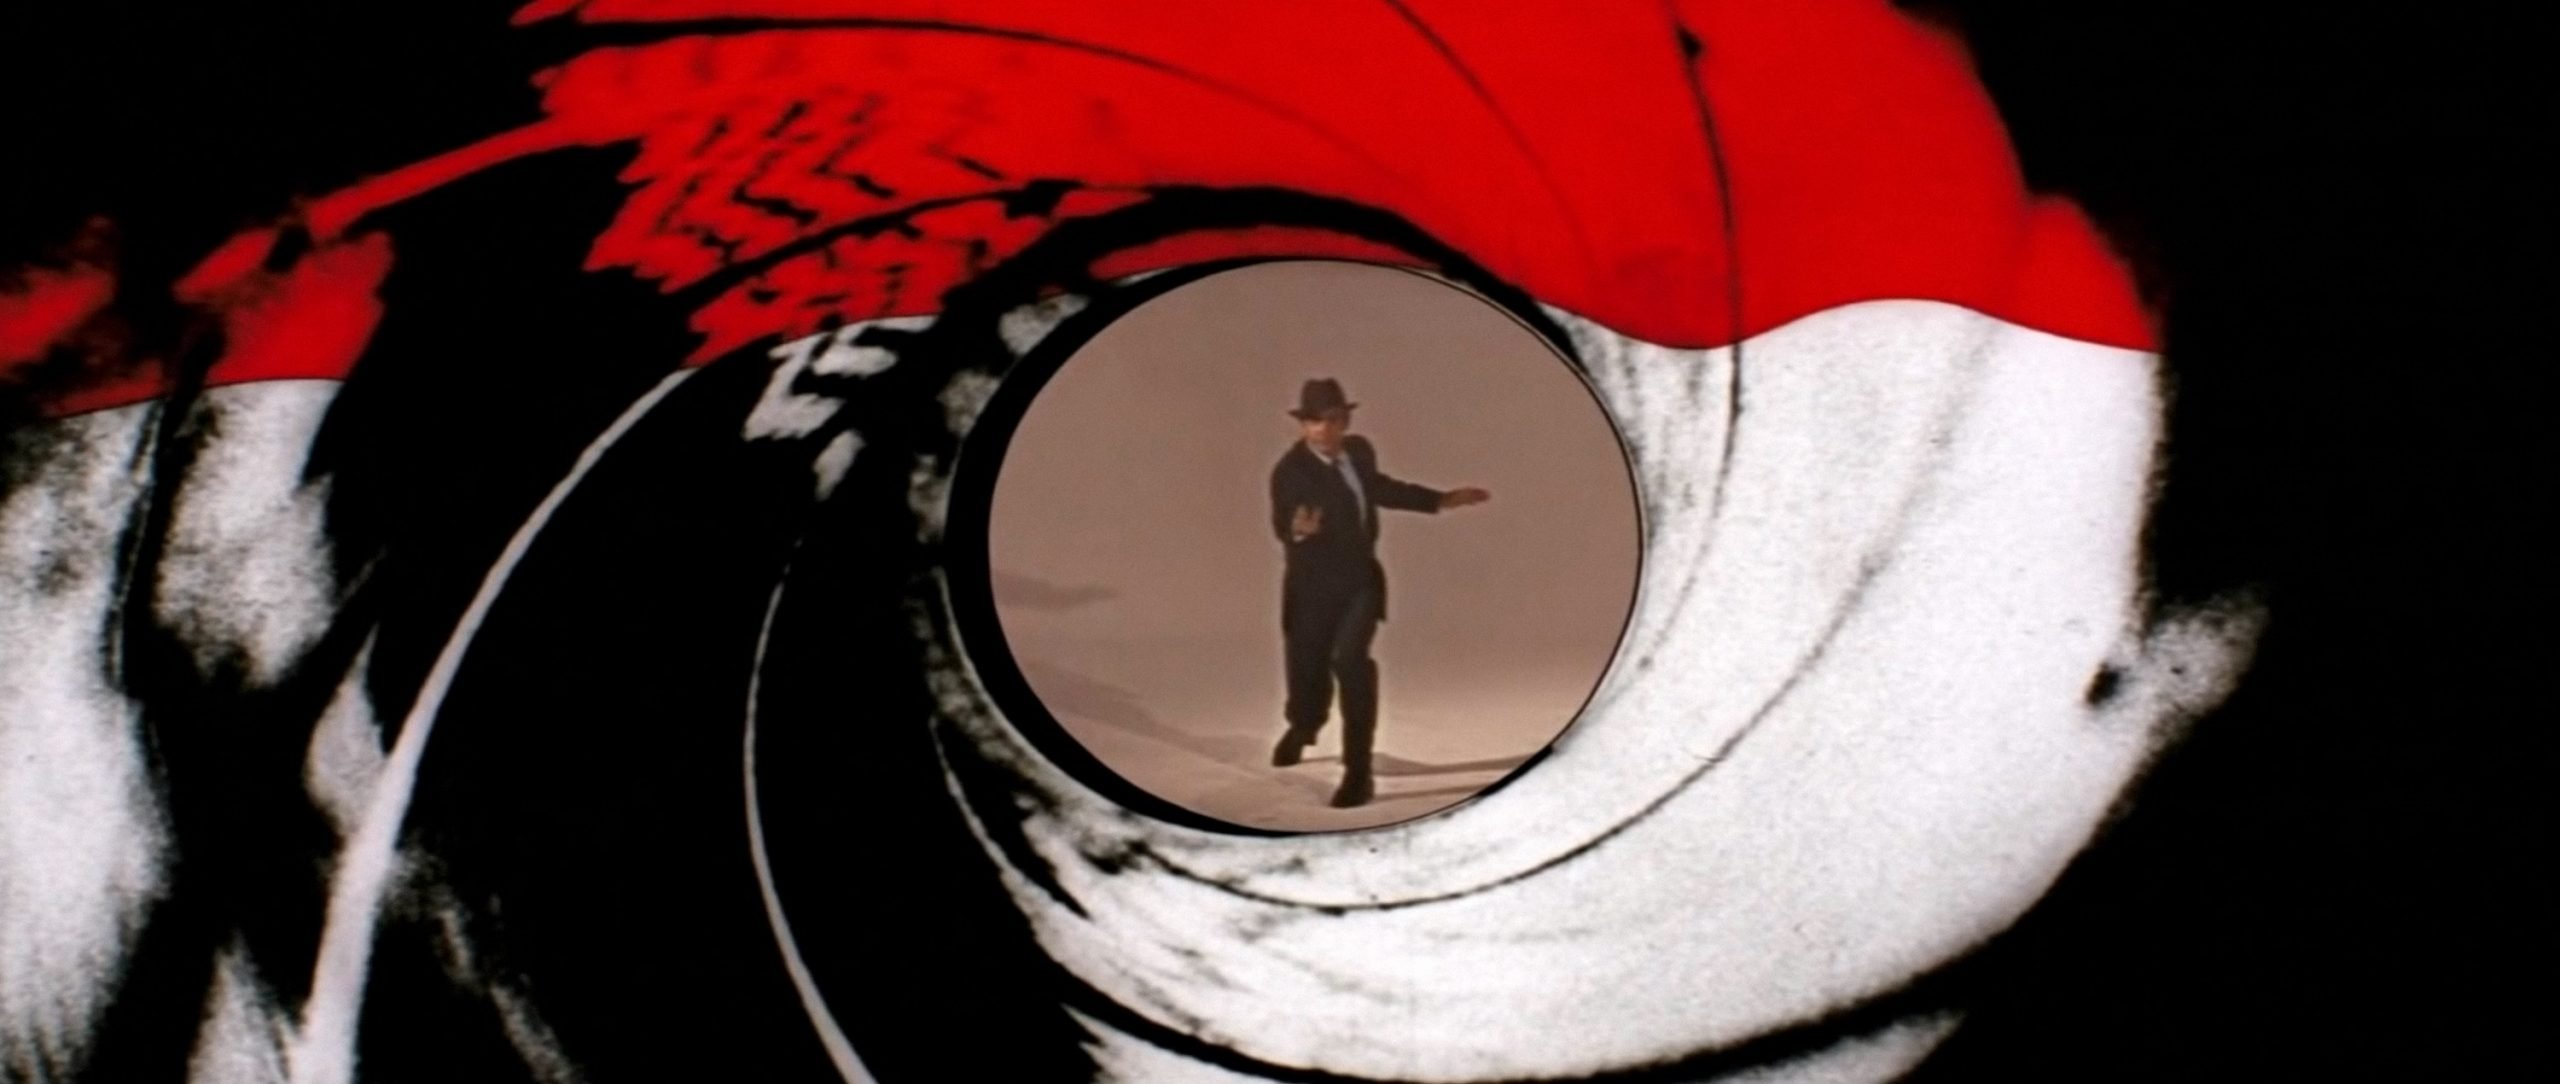 sean-connery-james-bond-gun-barrel